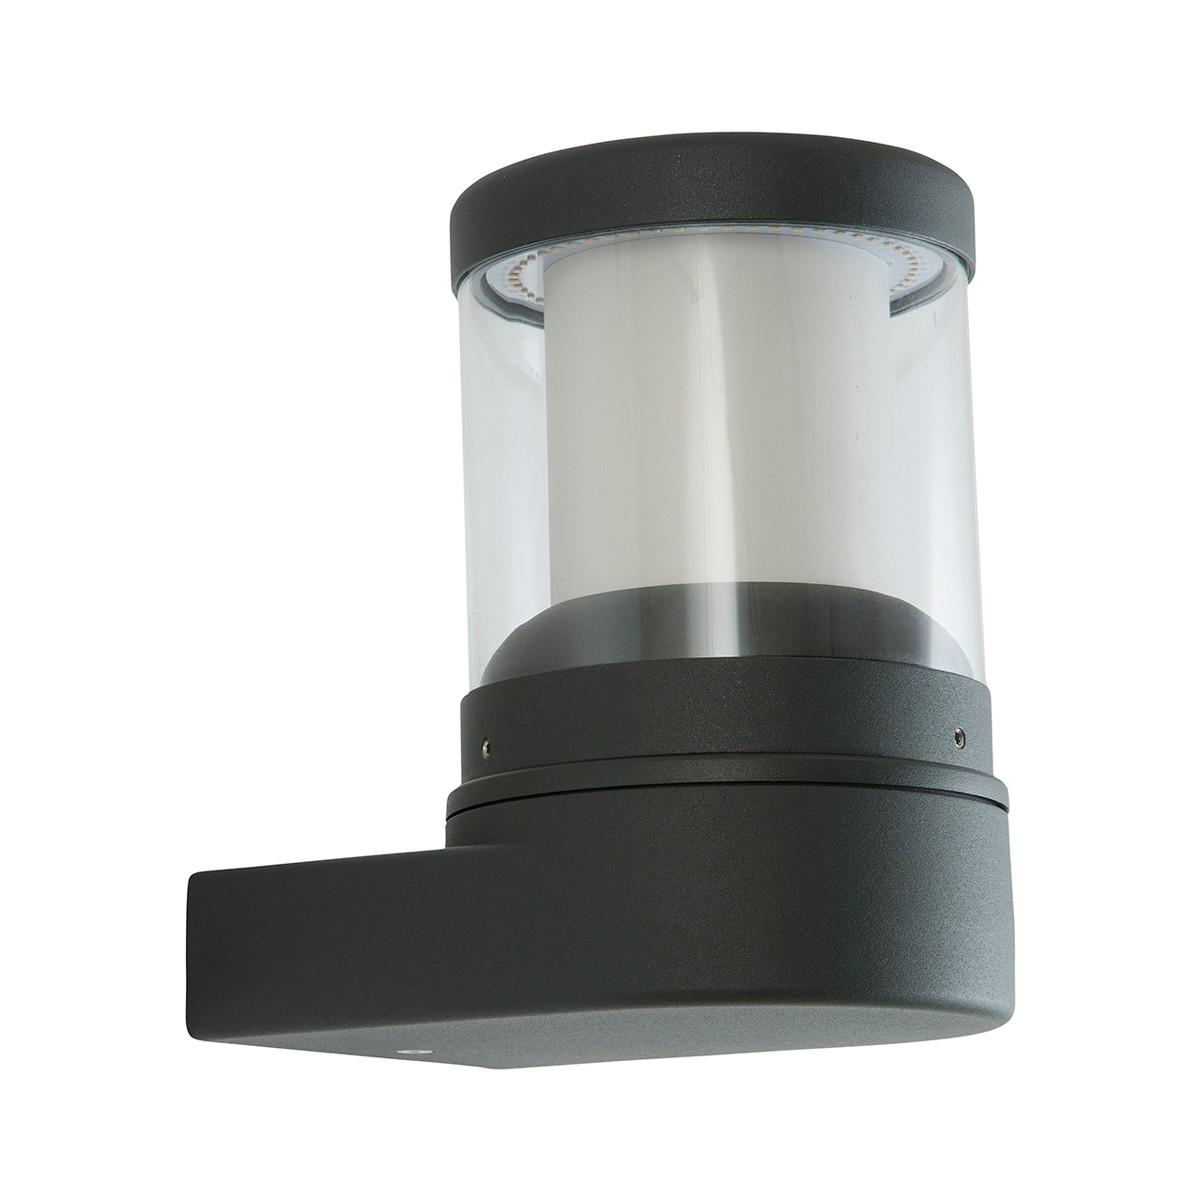 LCD Außenleuchten 1283/1293 LED Wandleuchte, graphit